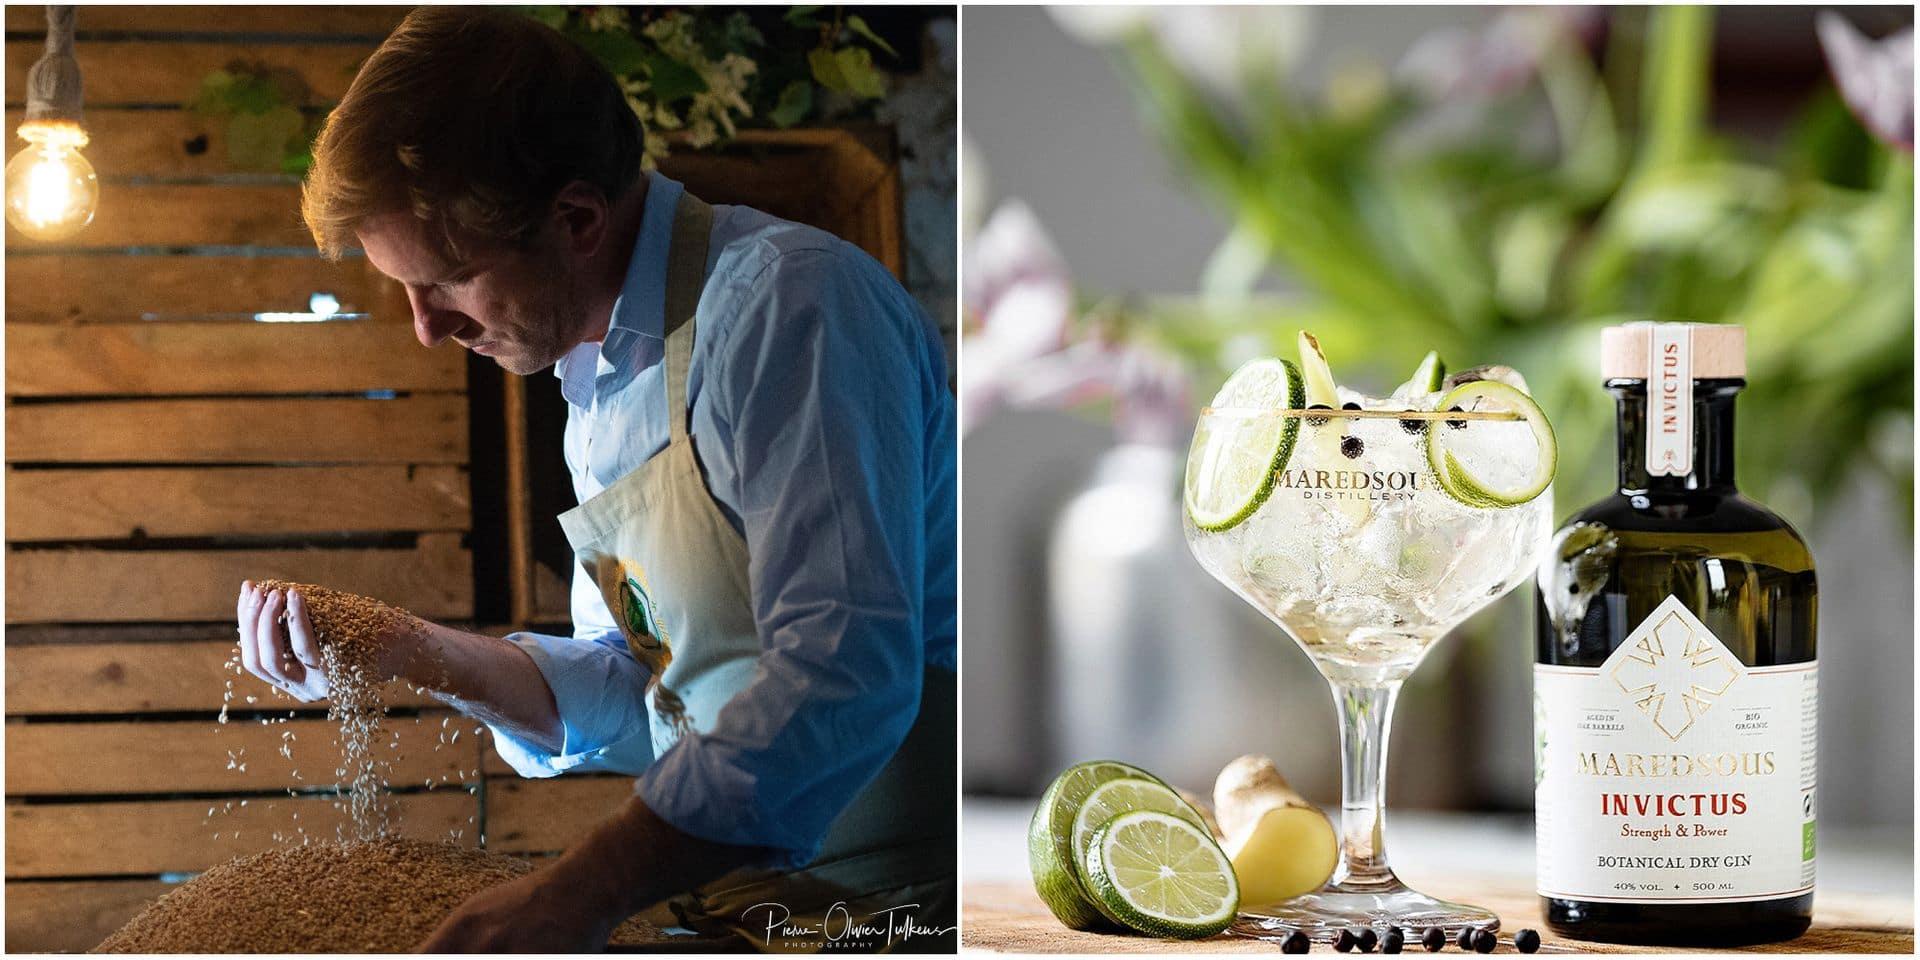 """Du gin fabriqué à Maredsous (mais pas à l'abbaye) : """"Une valeur ajoutée au produit qui est 100 % bio"""""""